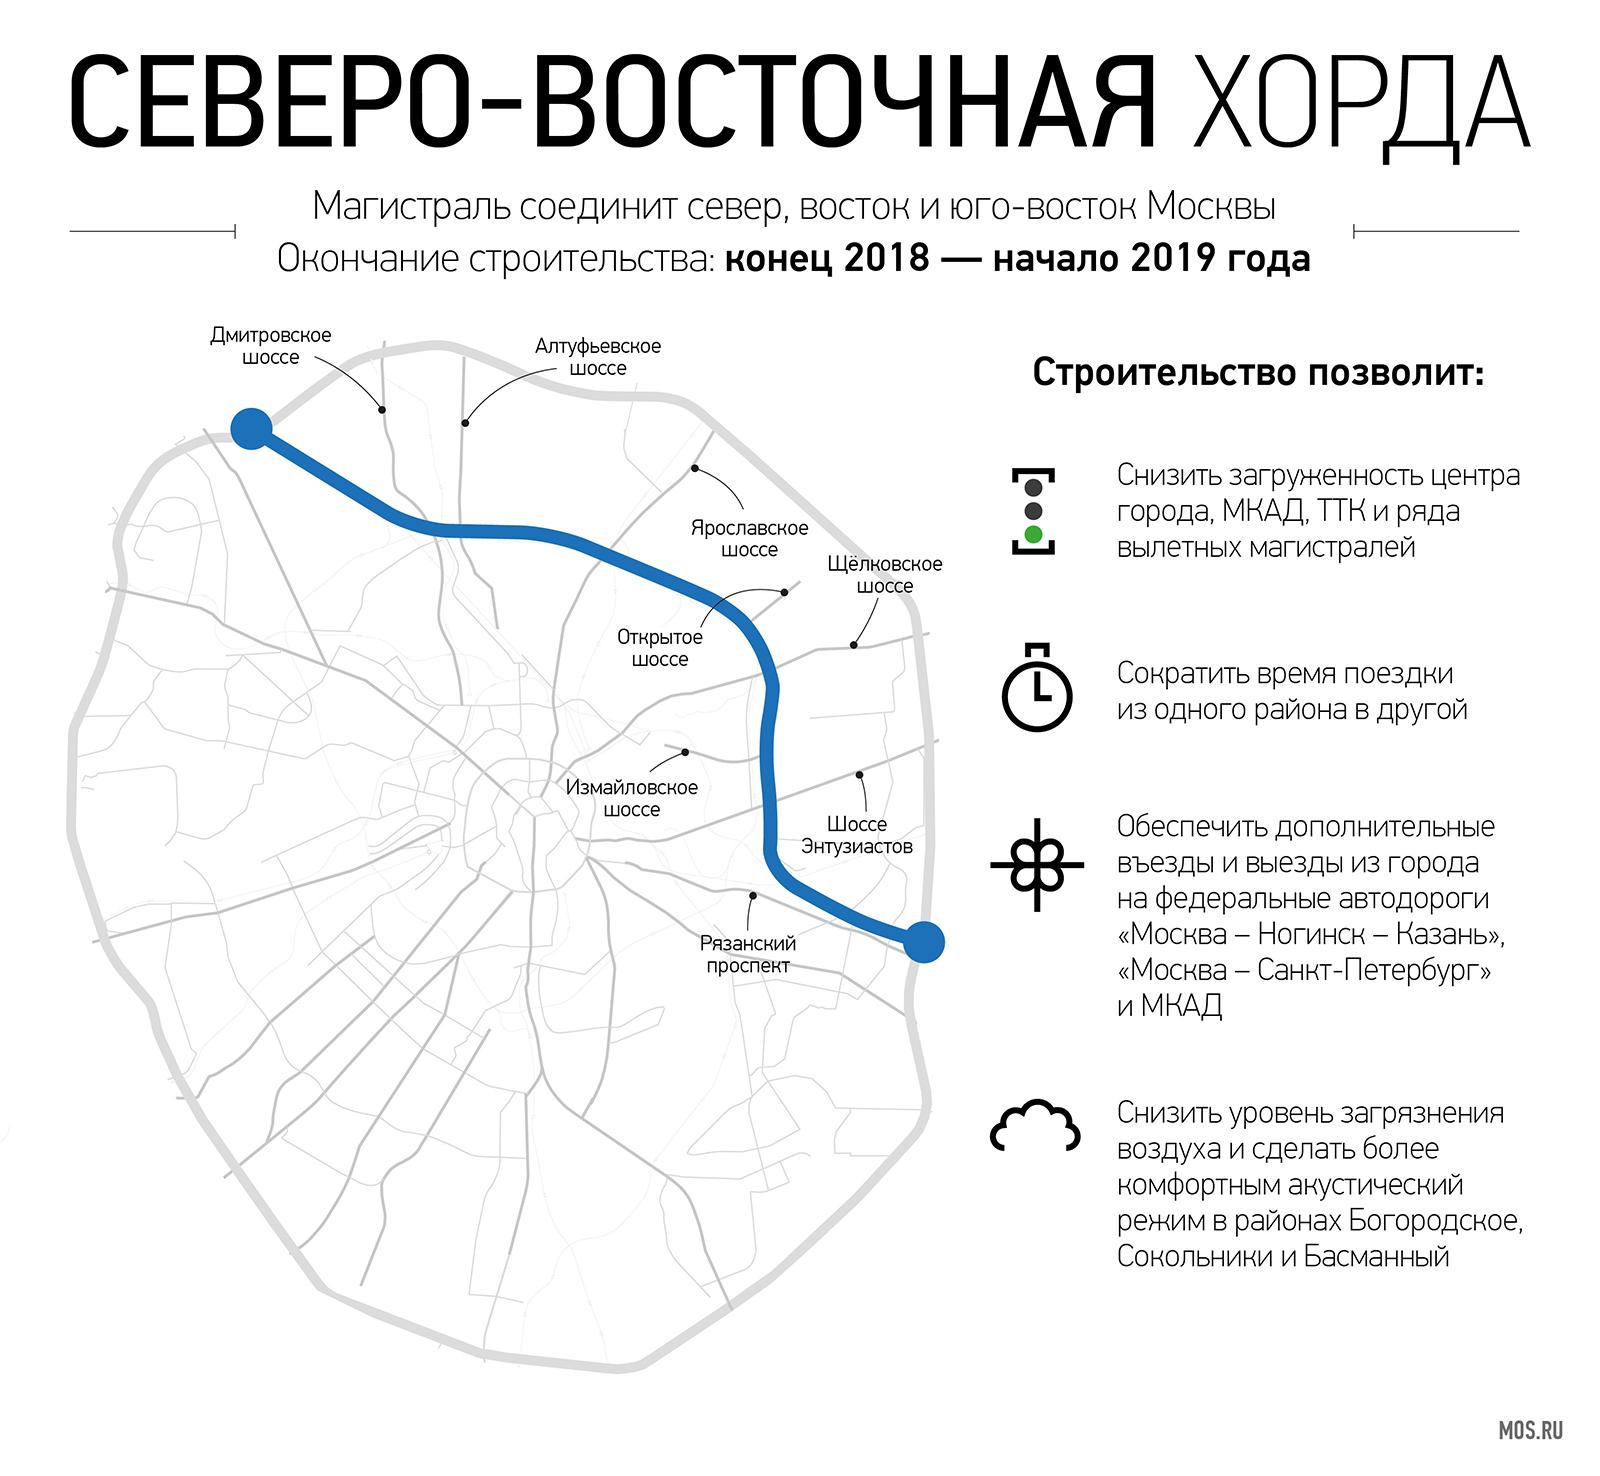 Карта Москвы с указанием Северо-Восточной хорды